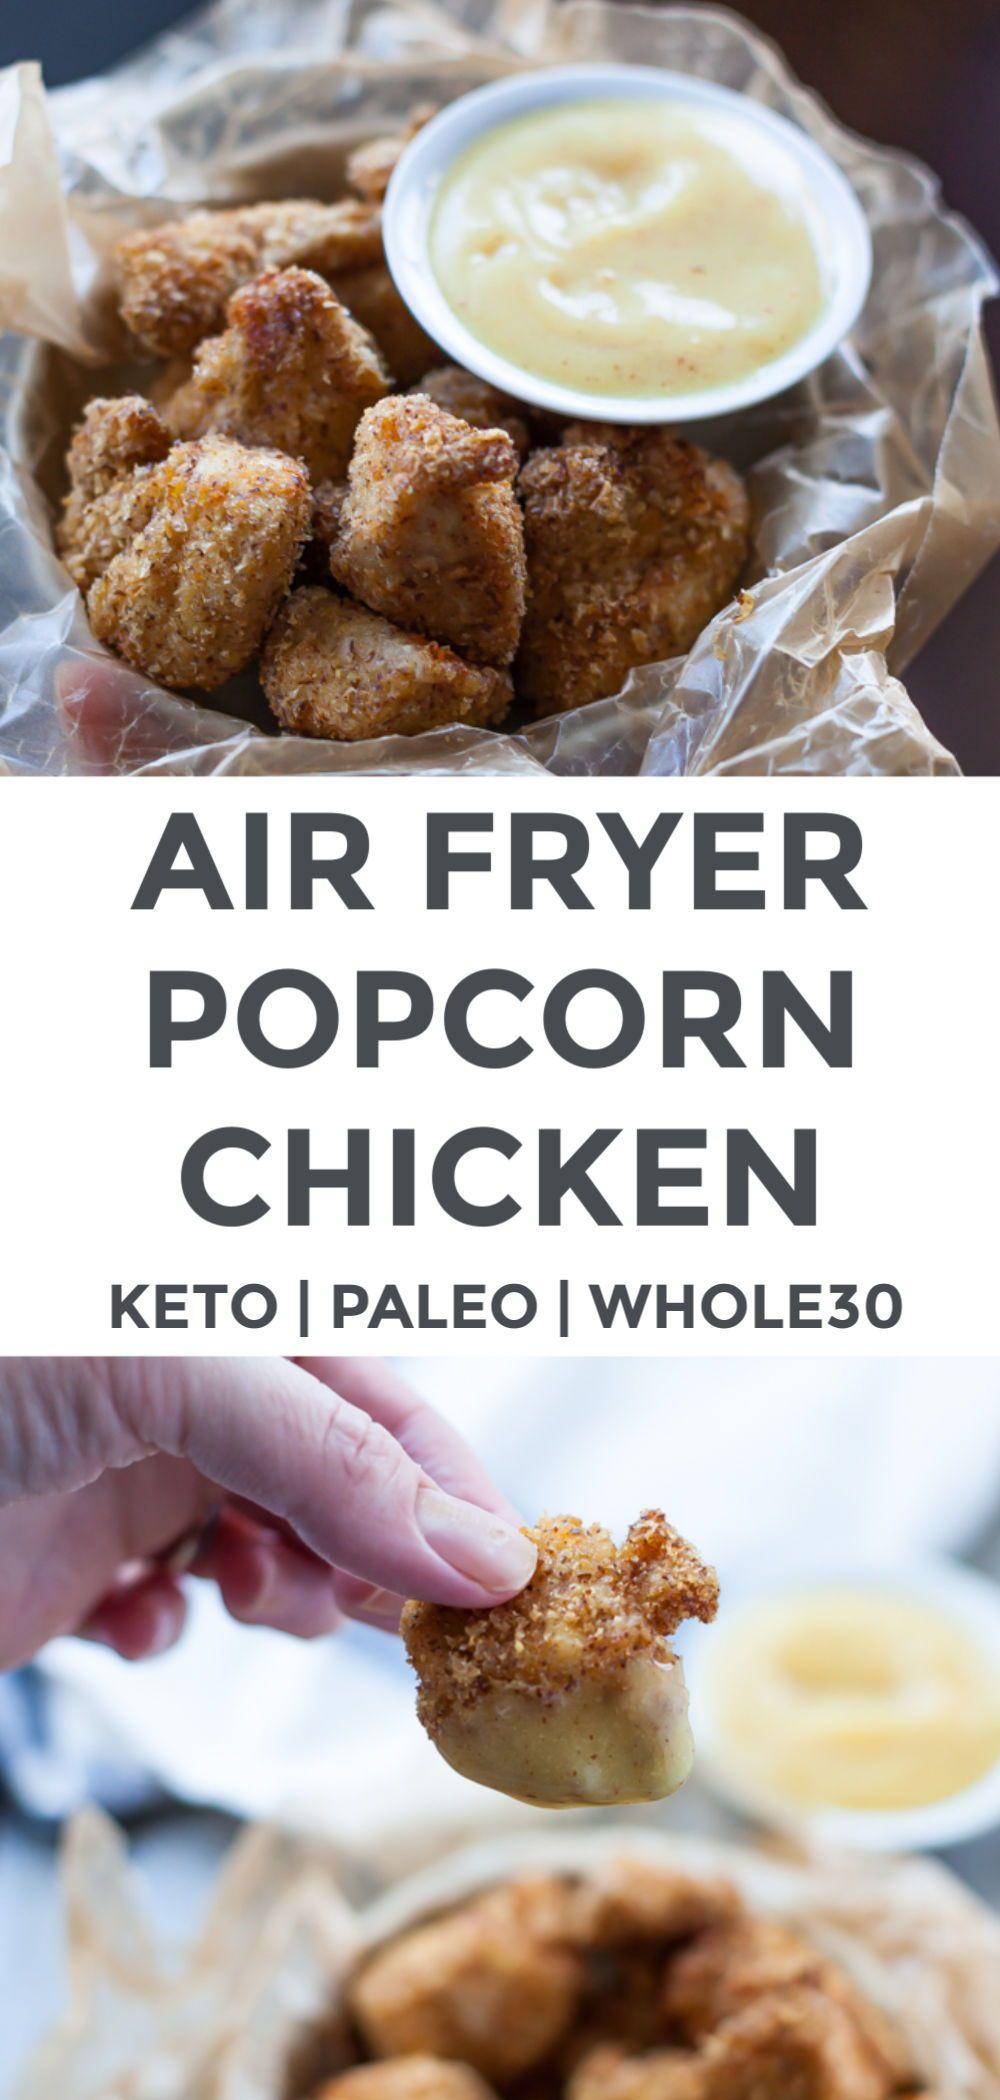 Air Fryer Popcorn Chicken Recipe in 2020